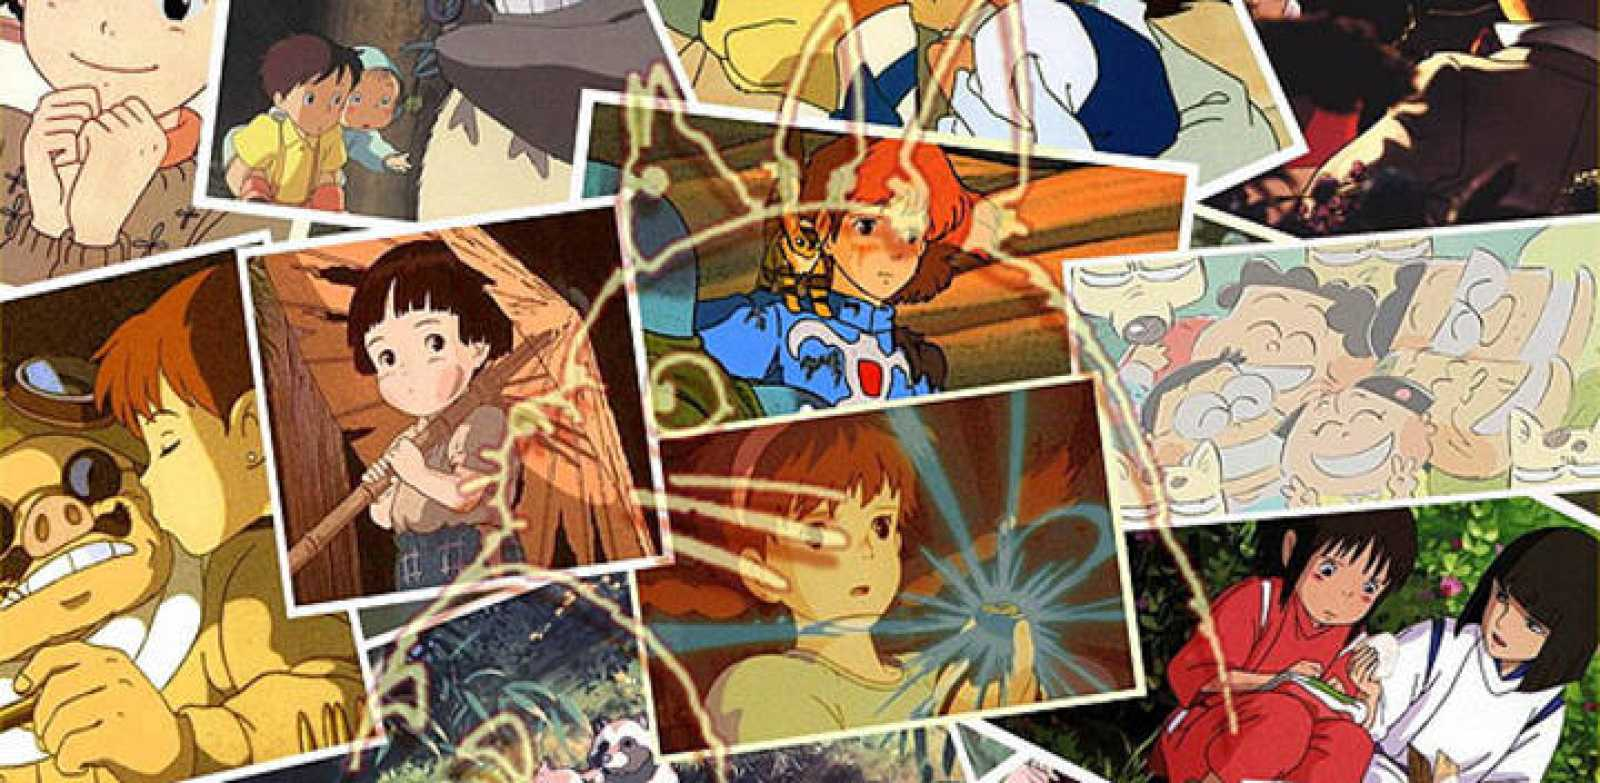 Montaje fotográfico con varios de los éxitos de Ghibli